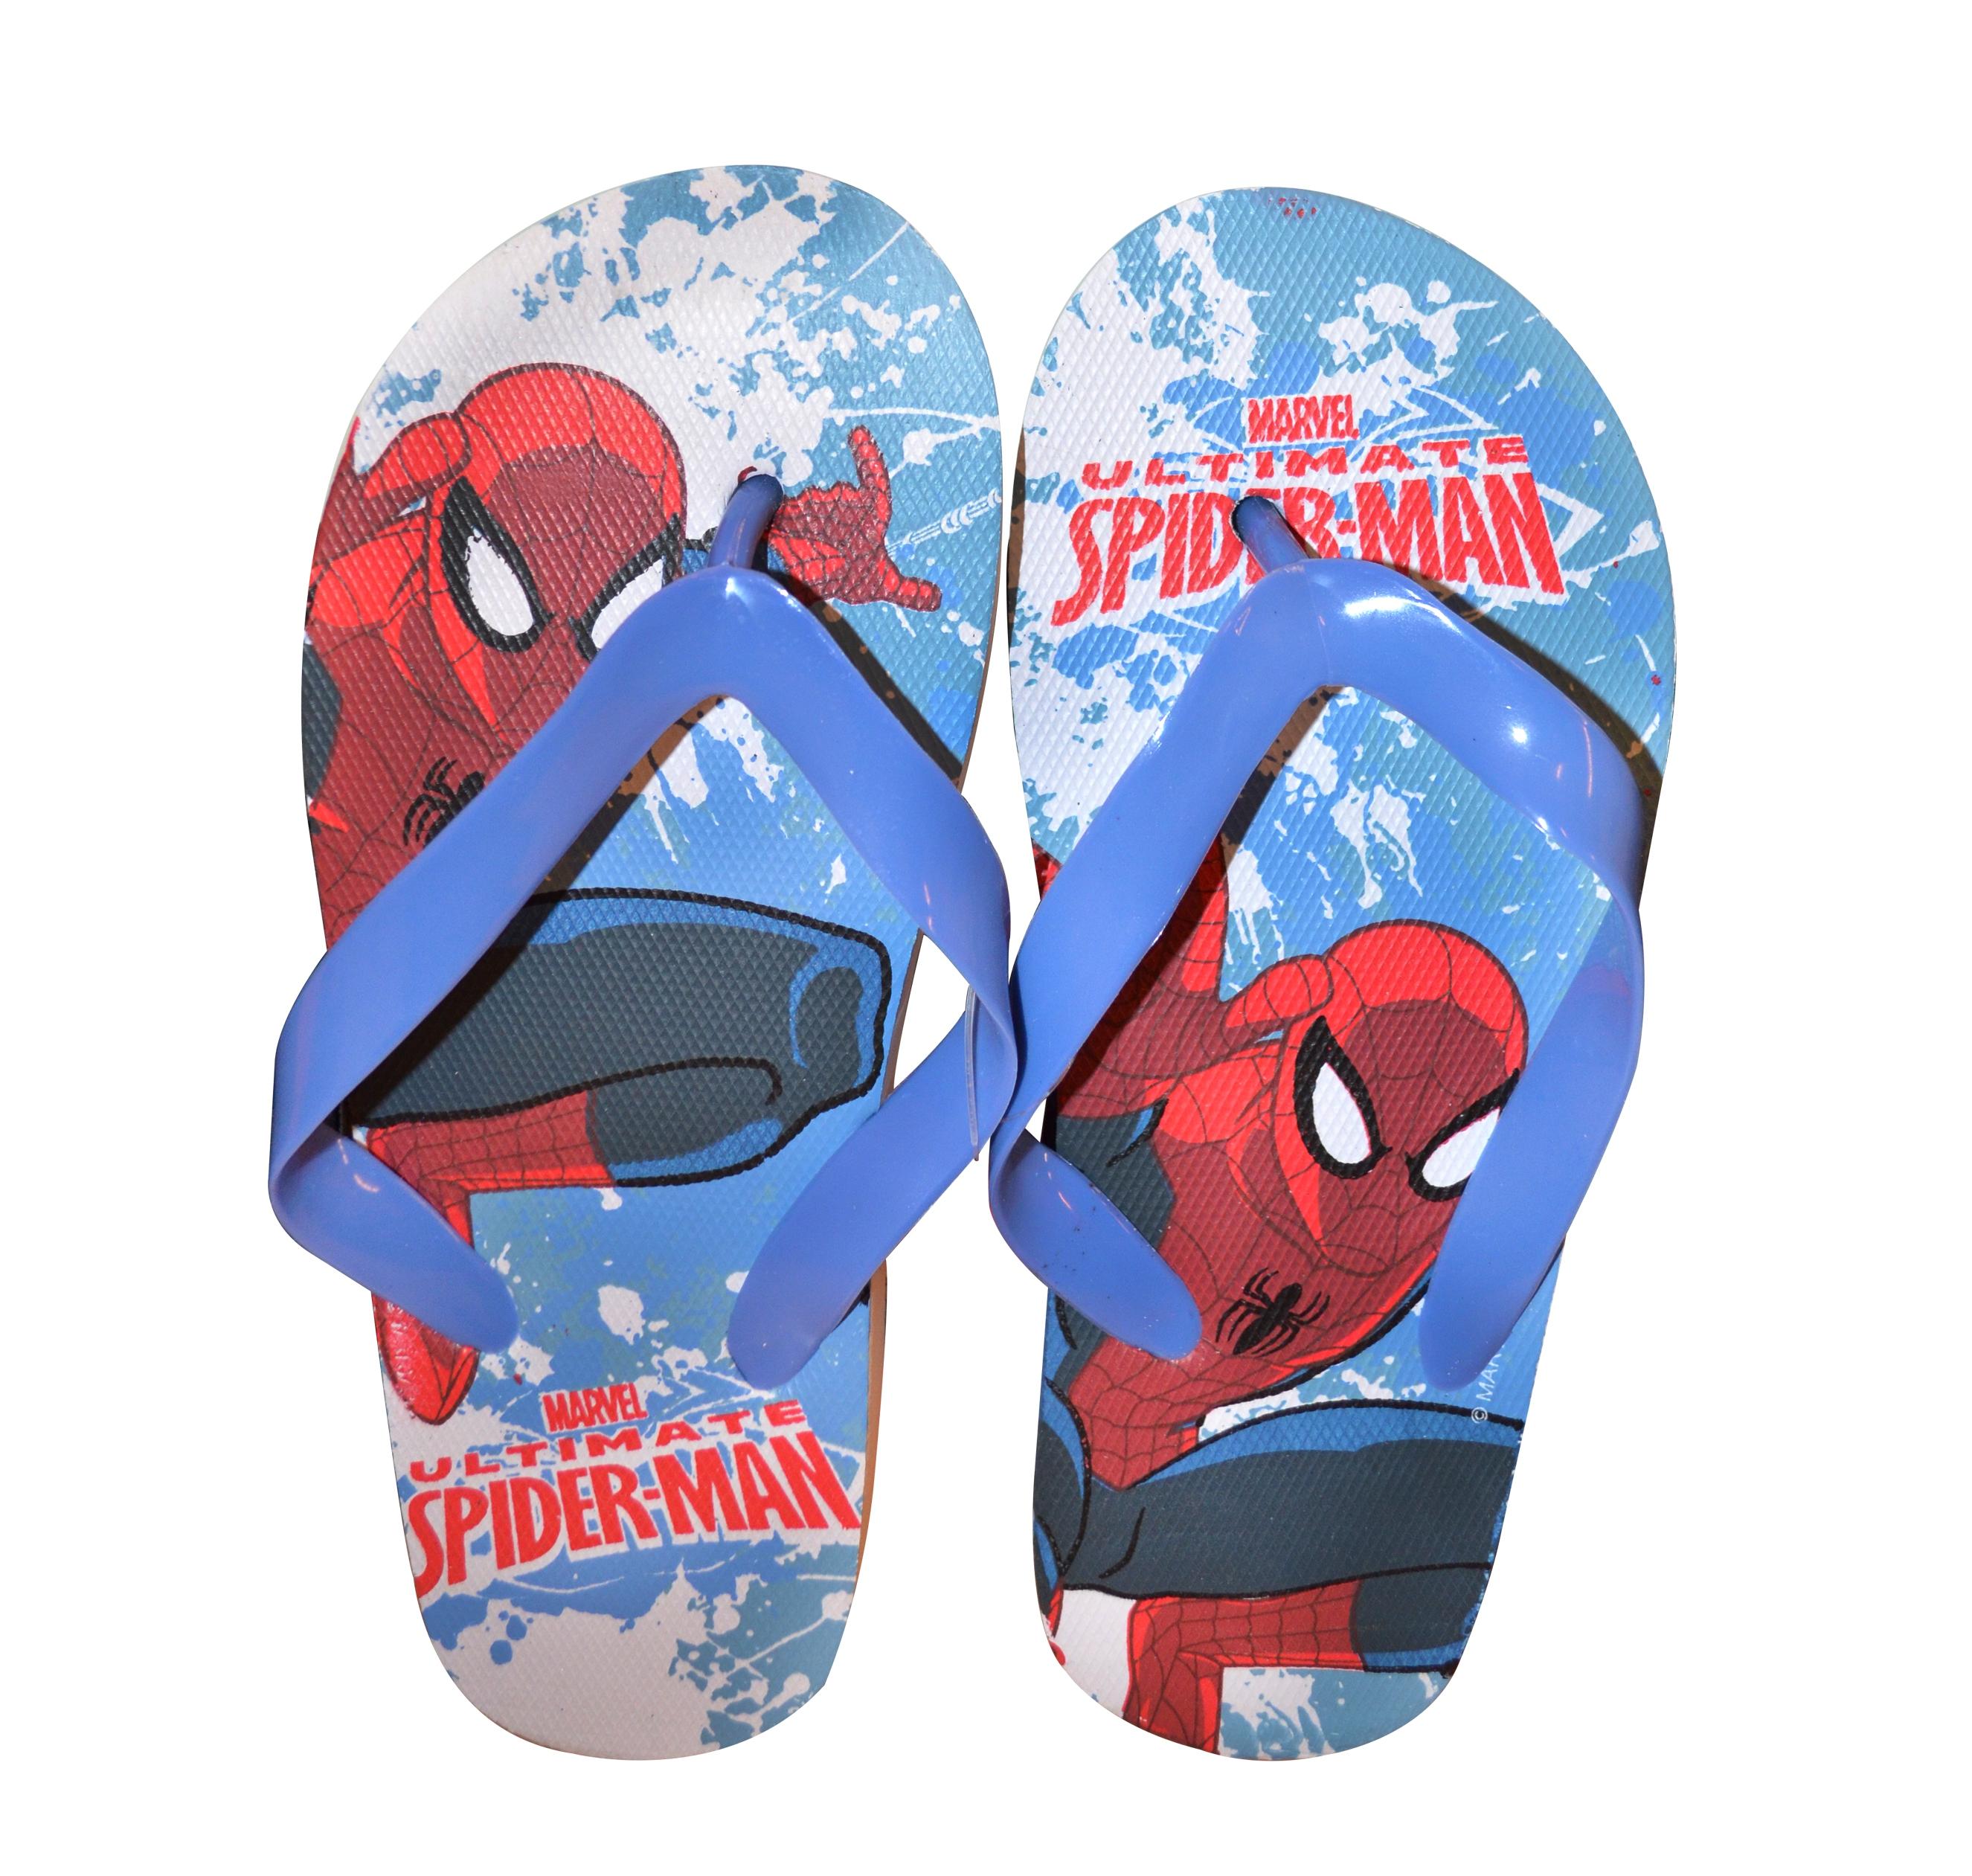 Spiderman Flip Flops 9-10 Footwear